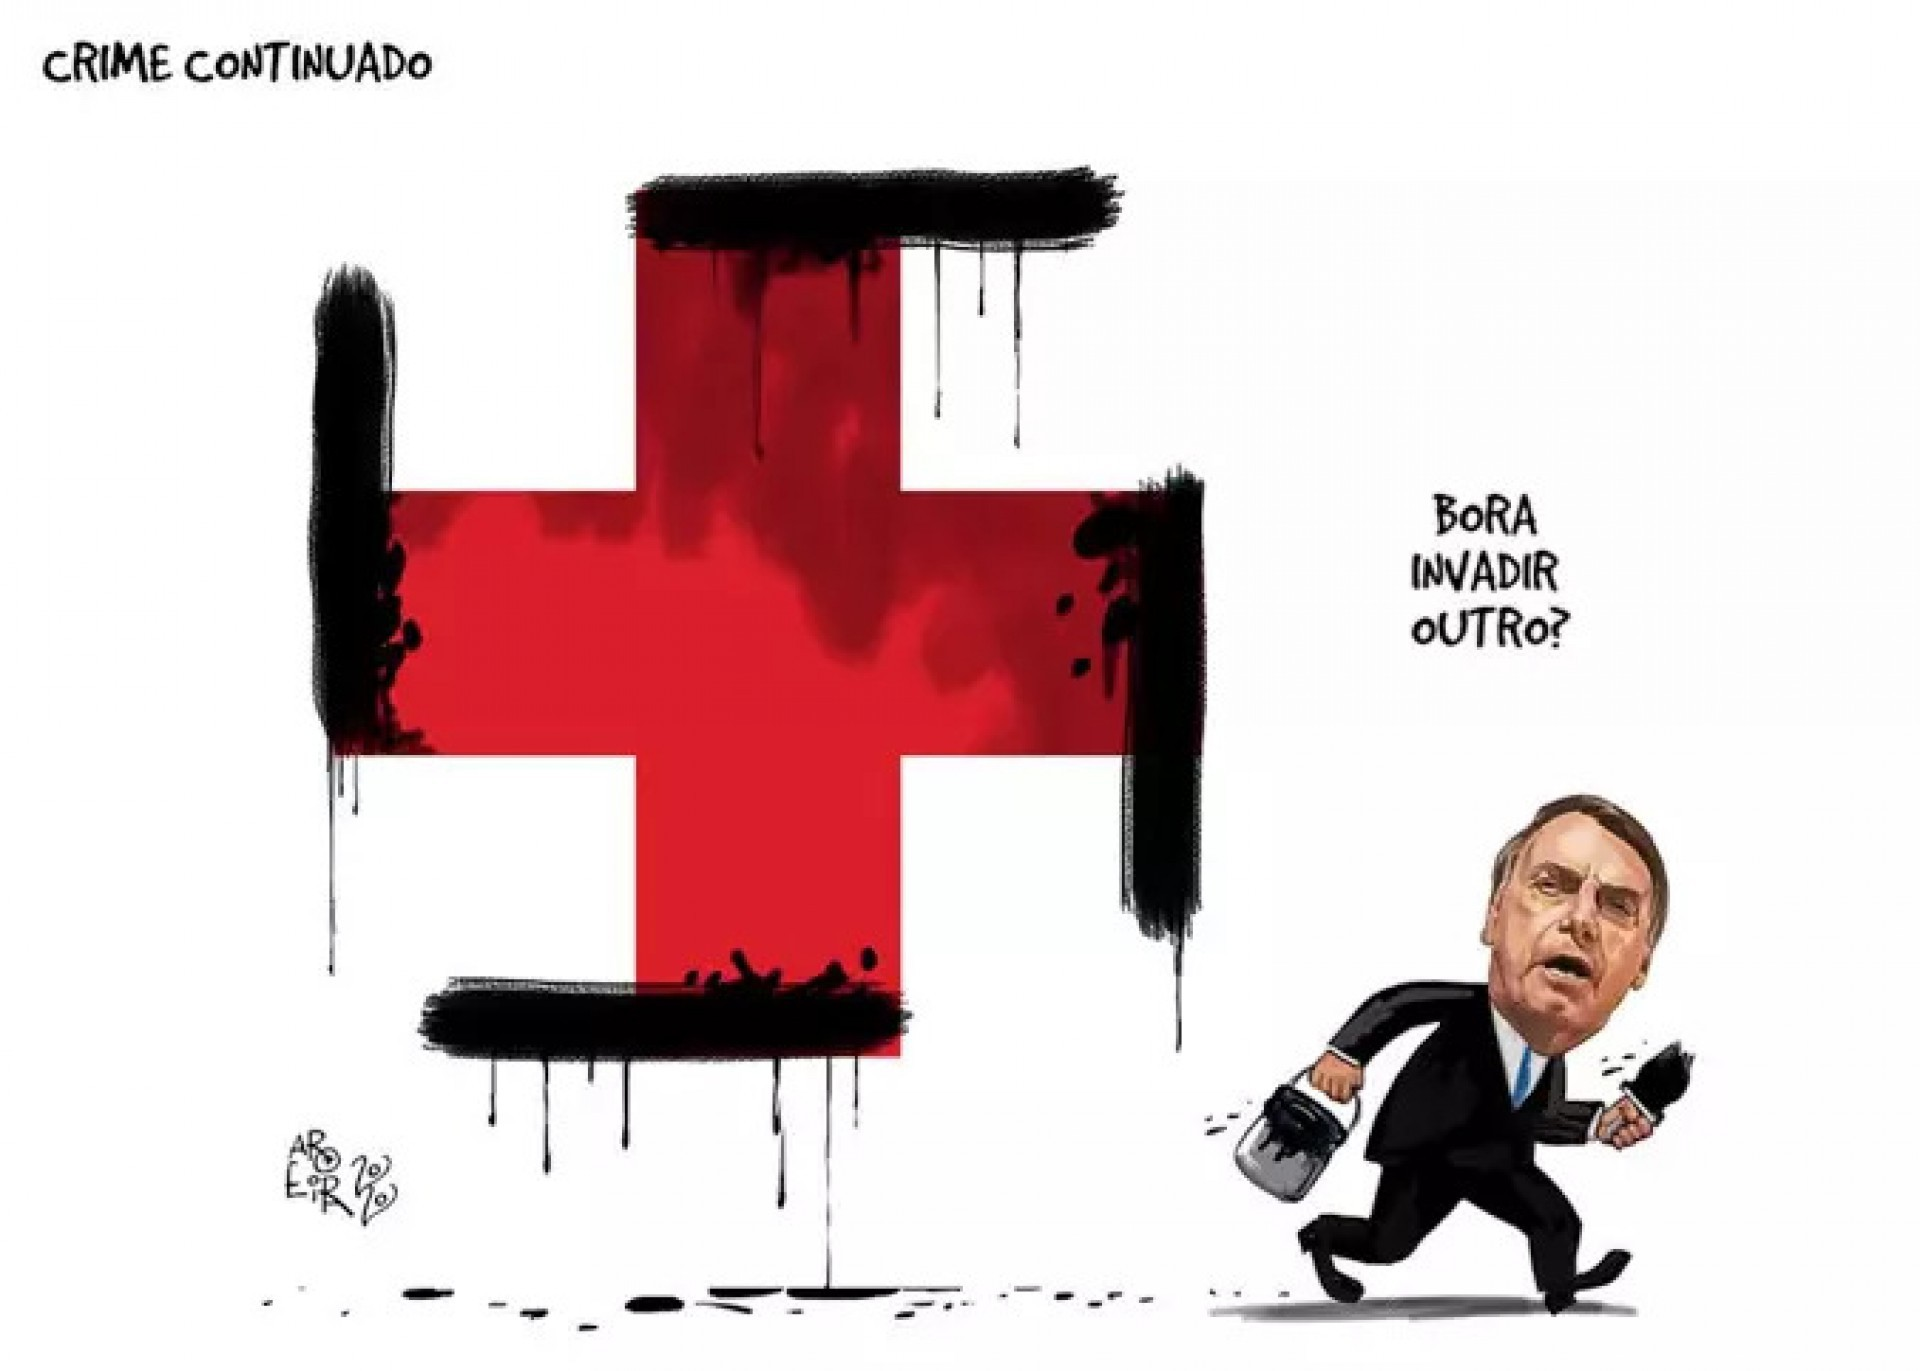 Charge de Renato Aroeira pode virar alvo de investigação pelo Governo Federal